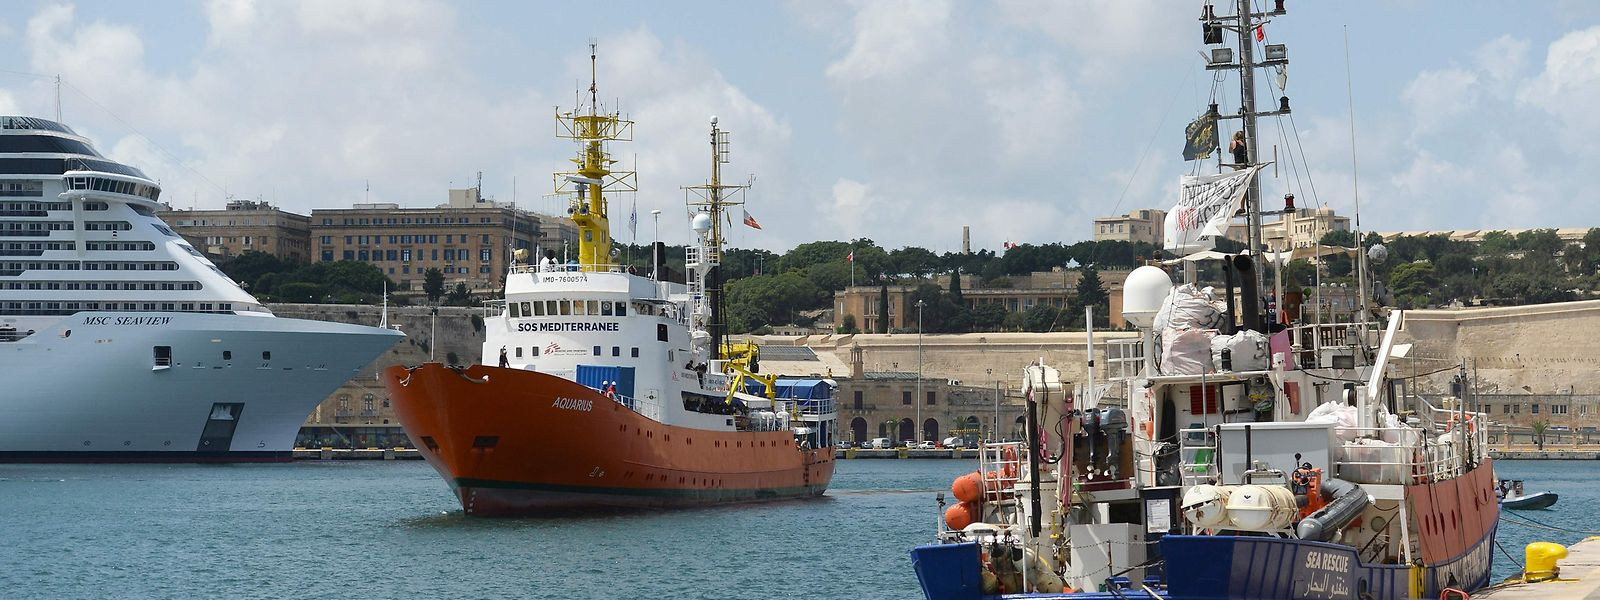 Die Aquarius lief am 15. August 2018 in Malta ein.